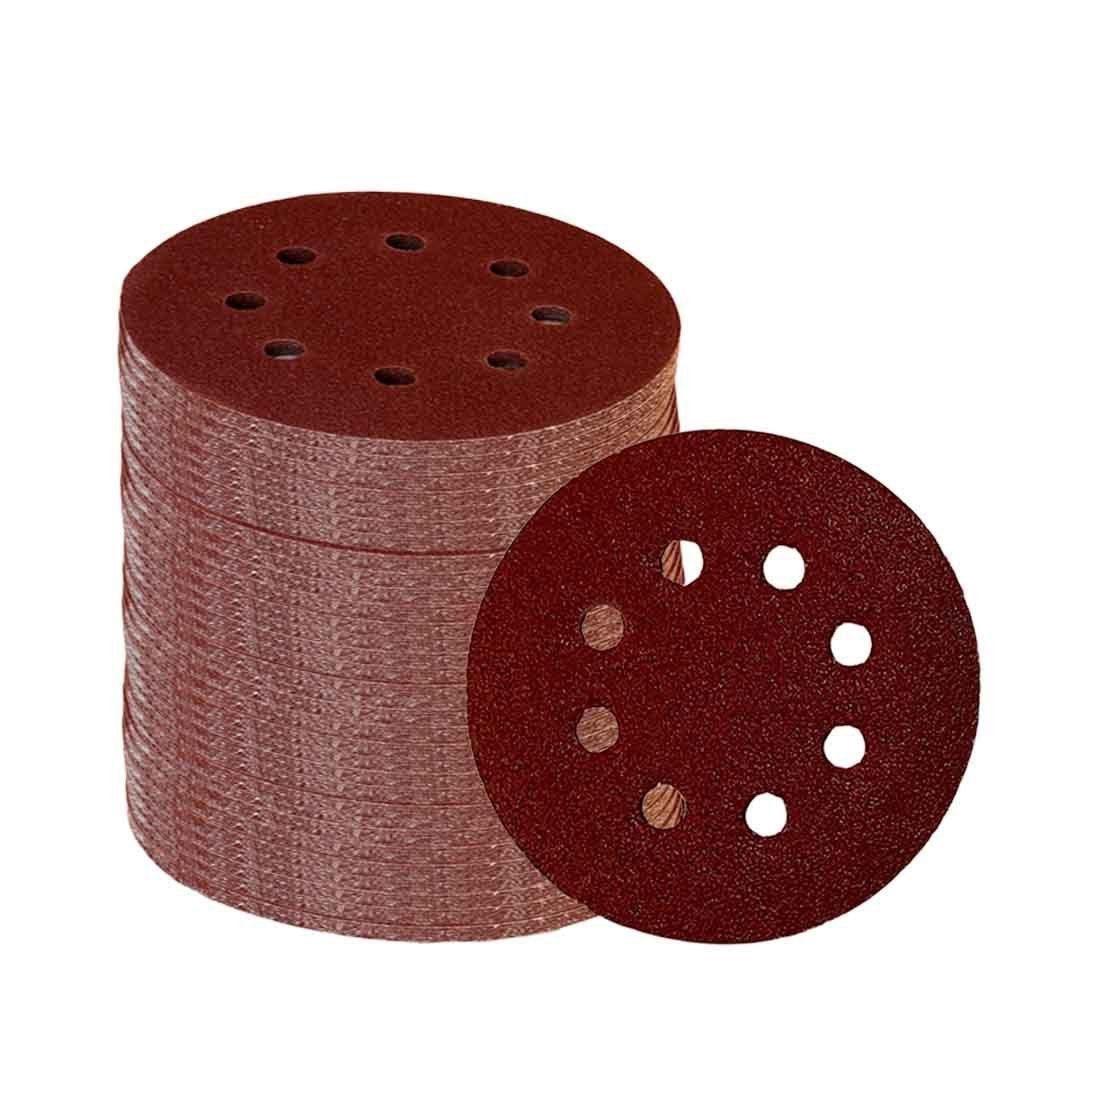 60 peças 8 furos 5 Polegada discos de lixamento gancho e laço 60/100/180/240/320/400 grit lixa sortido para lixadeira orbital aleatória